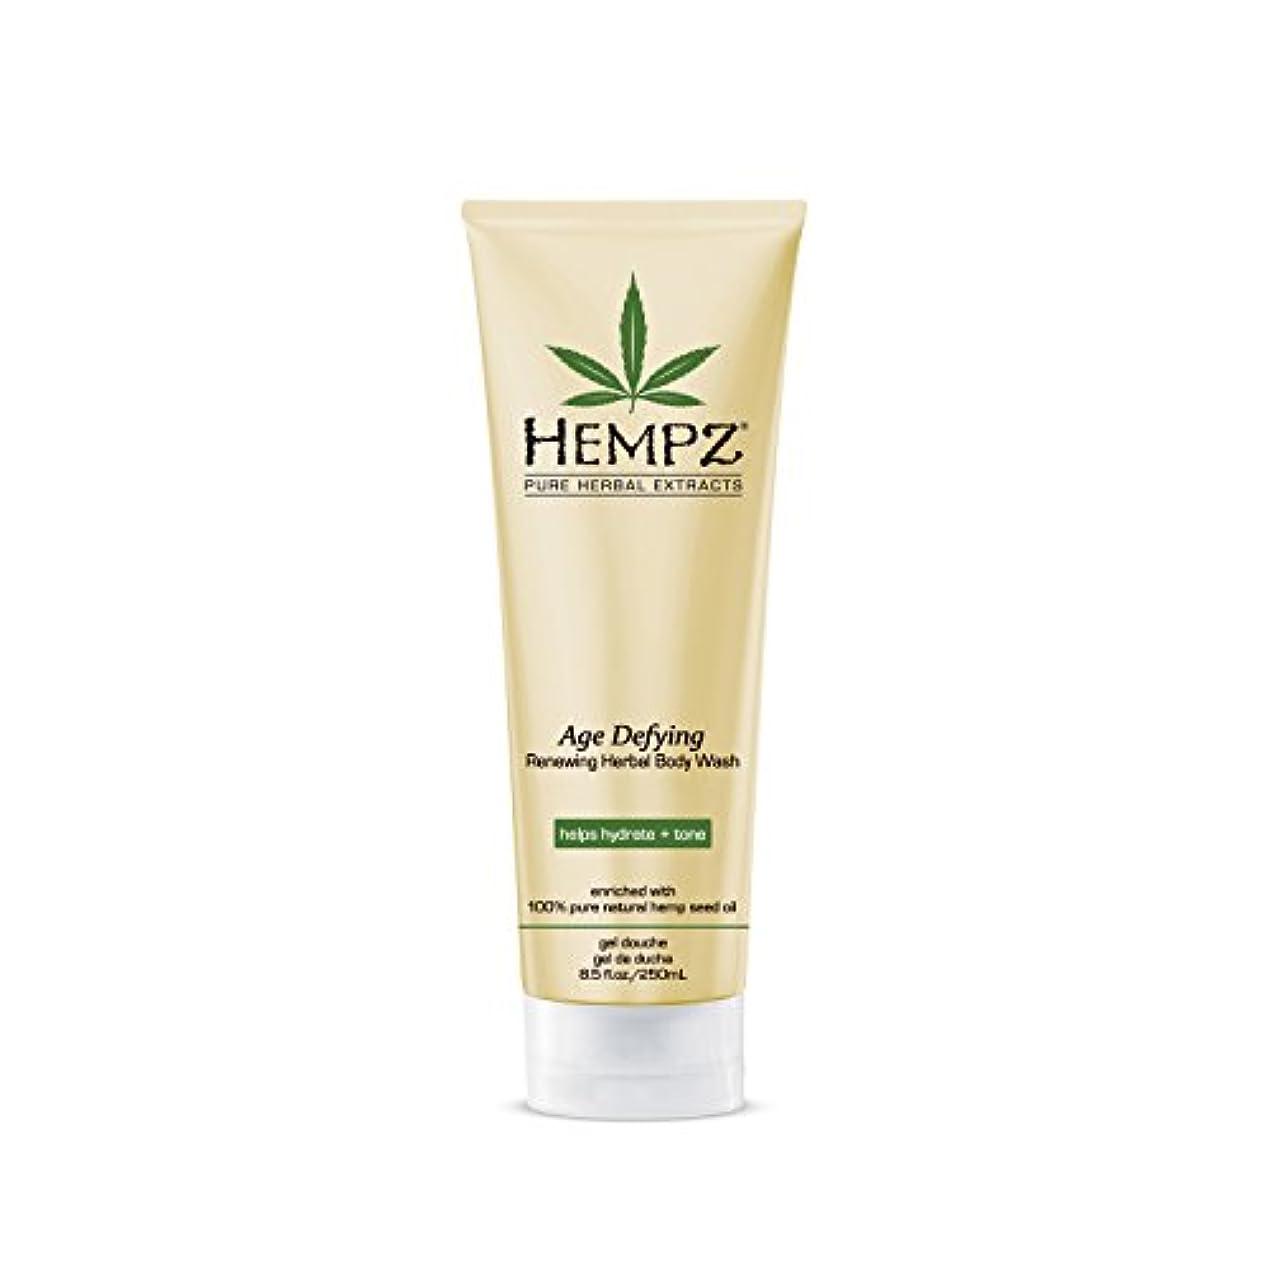 優先権動機付けるハブブHempz Age Defying Herbal Body Wash, Off White, Vanilla/Musk, 8.5 Fluid Ounce